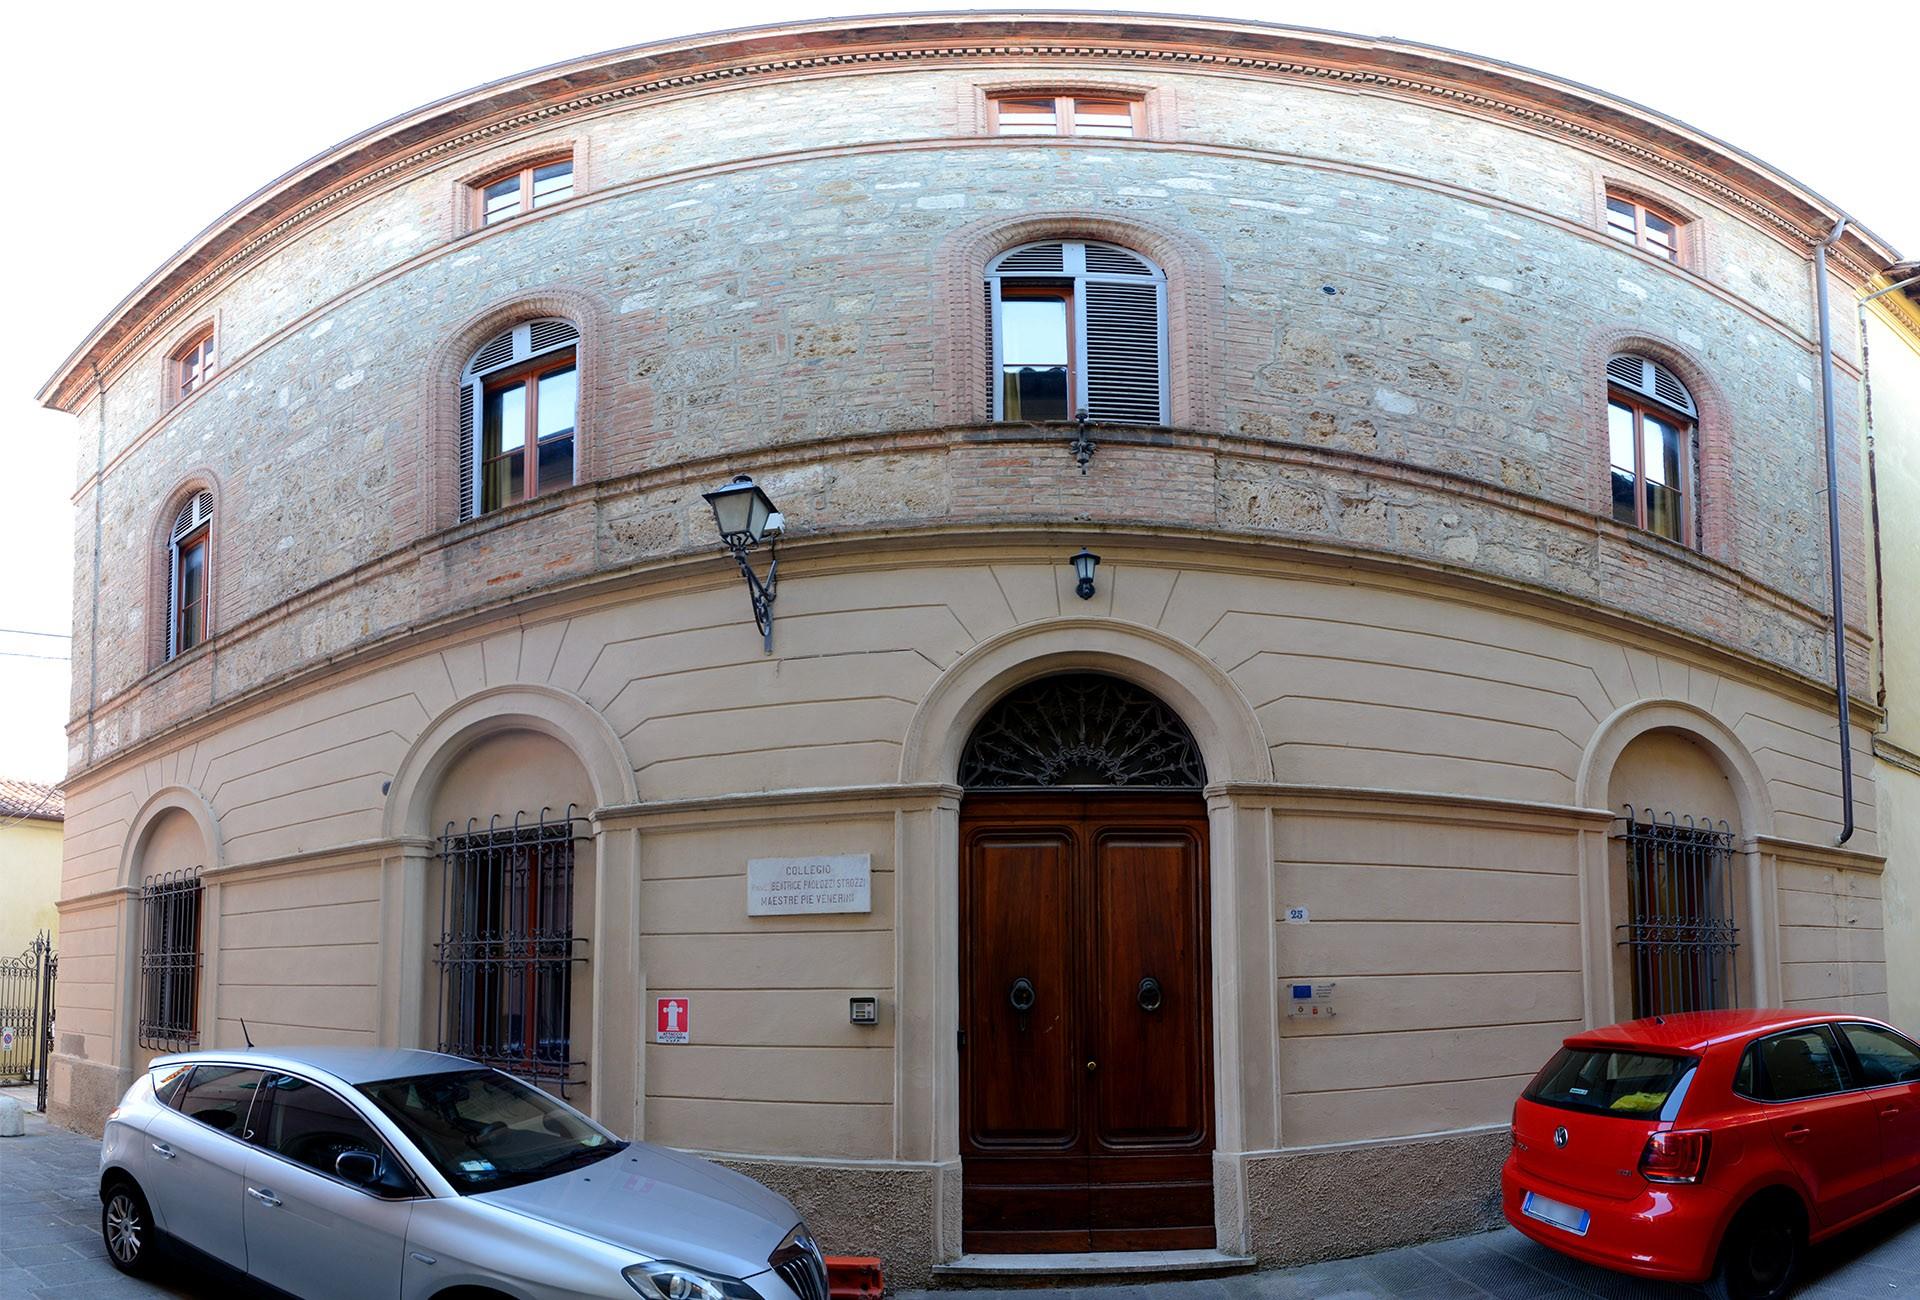 Chiusi, bando pubblico per l'ex Collegio Paolozzi: disponibile una struttura alberghiera